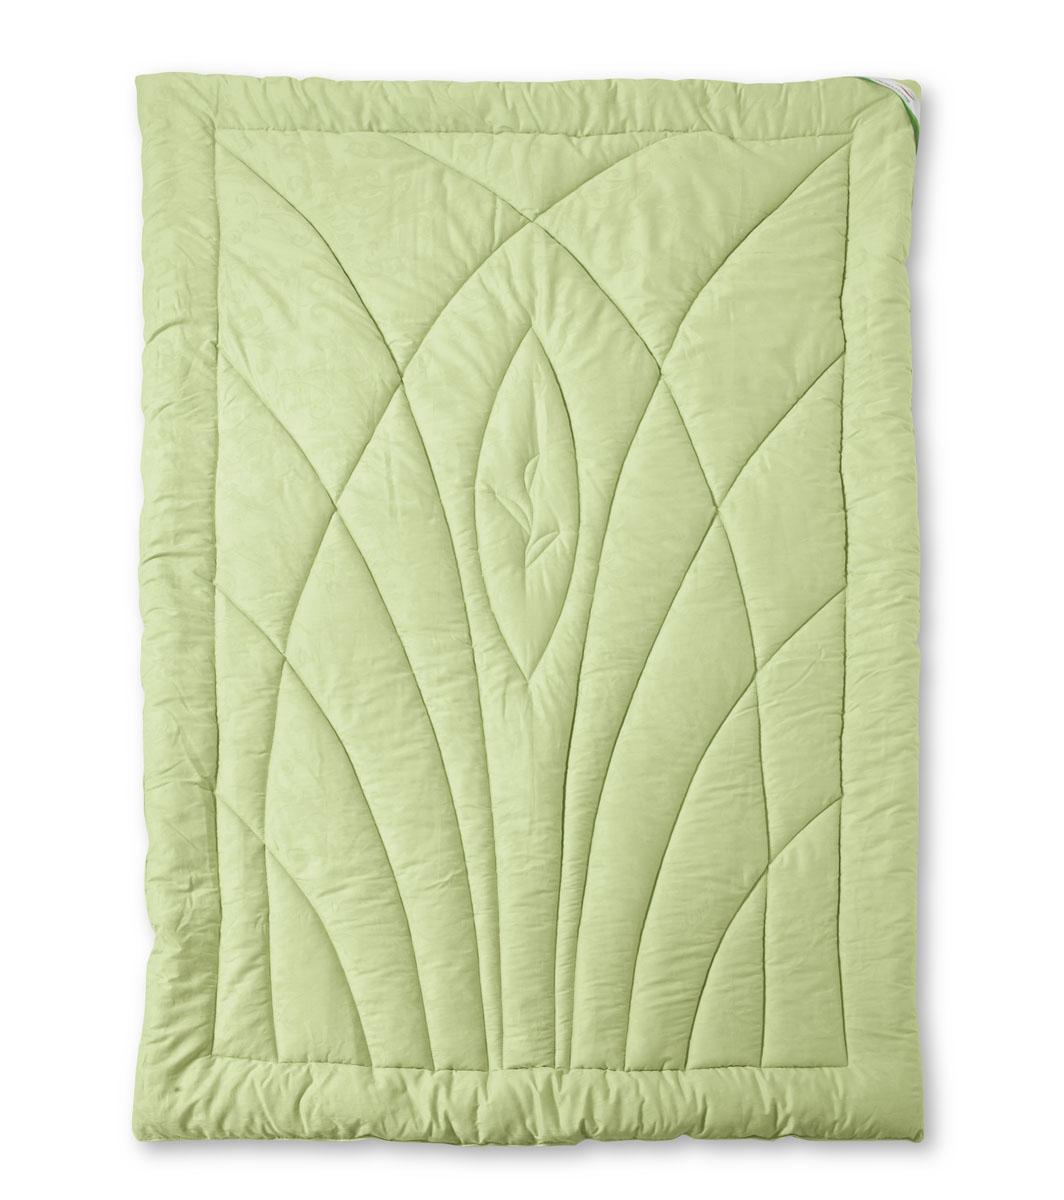 Одеяло теплое OL-Tex Эвкалипт, наполнитель: эвкалиптовое волокно, цвет: салатовый, 140 х 205 смОЭС-15-4Чехол теплого одеяла OL-Tex Эвкалипт выполнен из мягкого приятного на ощупь сатина салатового цвета. Наполнитель - волокно на основе эвкалипта с полиэстером. Эвкалипт - это дерево, которое относится к семейству миртовых. Еще в древние времена люди ценили полезные свойства эвкалипта. Его антисептические, антибактериальные и освежающие качества полностью сохранены в волокнах, используемых в наполнителях подушек и одеял коллекции Эвкалипт. Экологически чистое, натуральное волокно формирует комфортный микроклимат спального места - подушки и одеяла этой коллекции гипоаллергенны, не впитывают запахи и отторгают пыль. Изделия с наполнителем из эвкалиптовых волокон подарят вам оздоровляющий и освежающий эффект, успокаивающий сон. Великолепное одеяло с эксклюзивным простеганным рисунком и зеленым атласным кантом. Нарядное, теплое, легкое, не теряет своих свойств после многократных стирок. Наполнитель из эвкалиптового волокна регулирует влажность и теплообмен, создавая эффект...